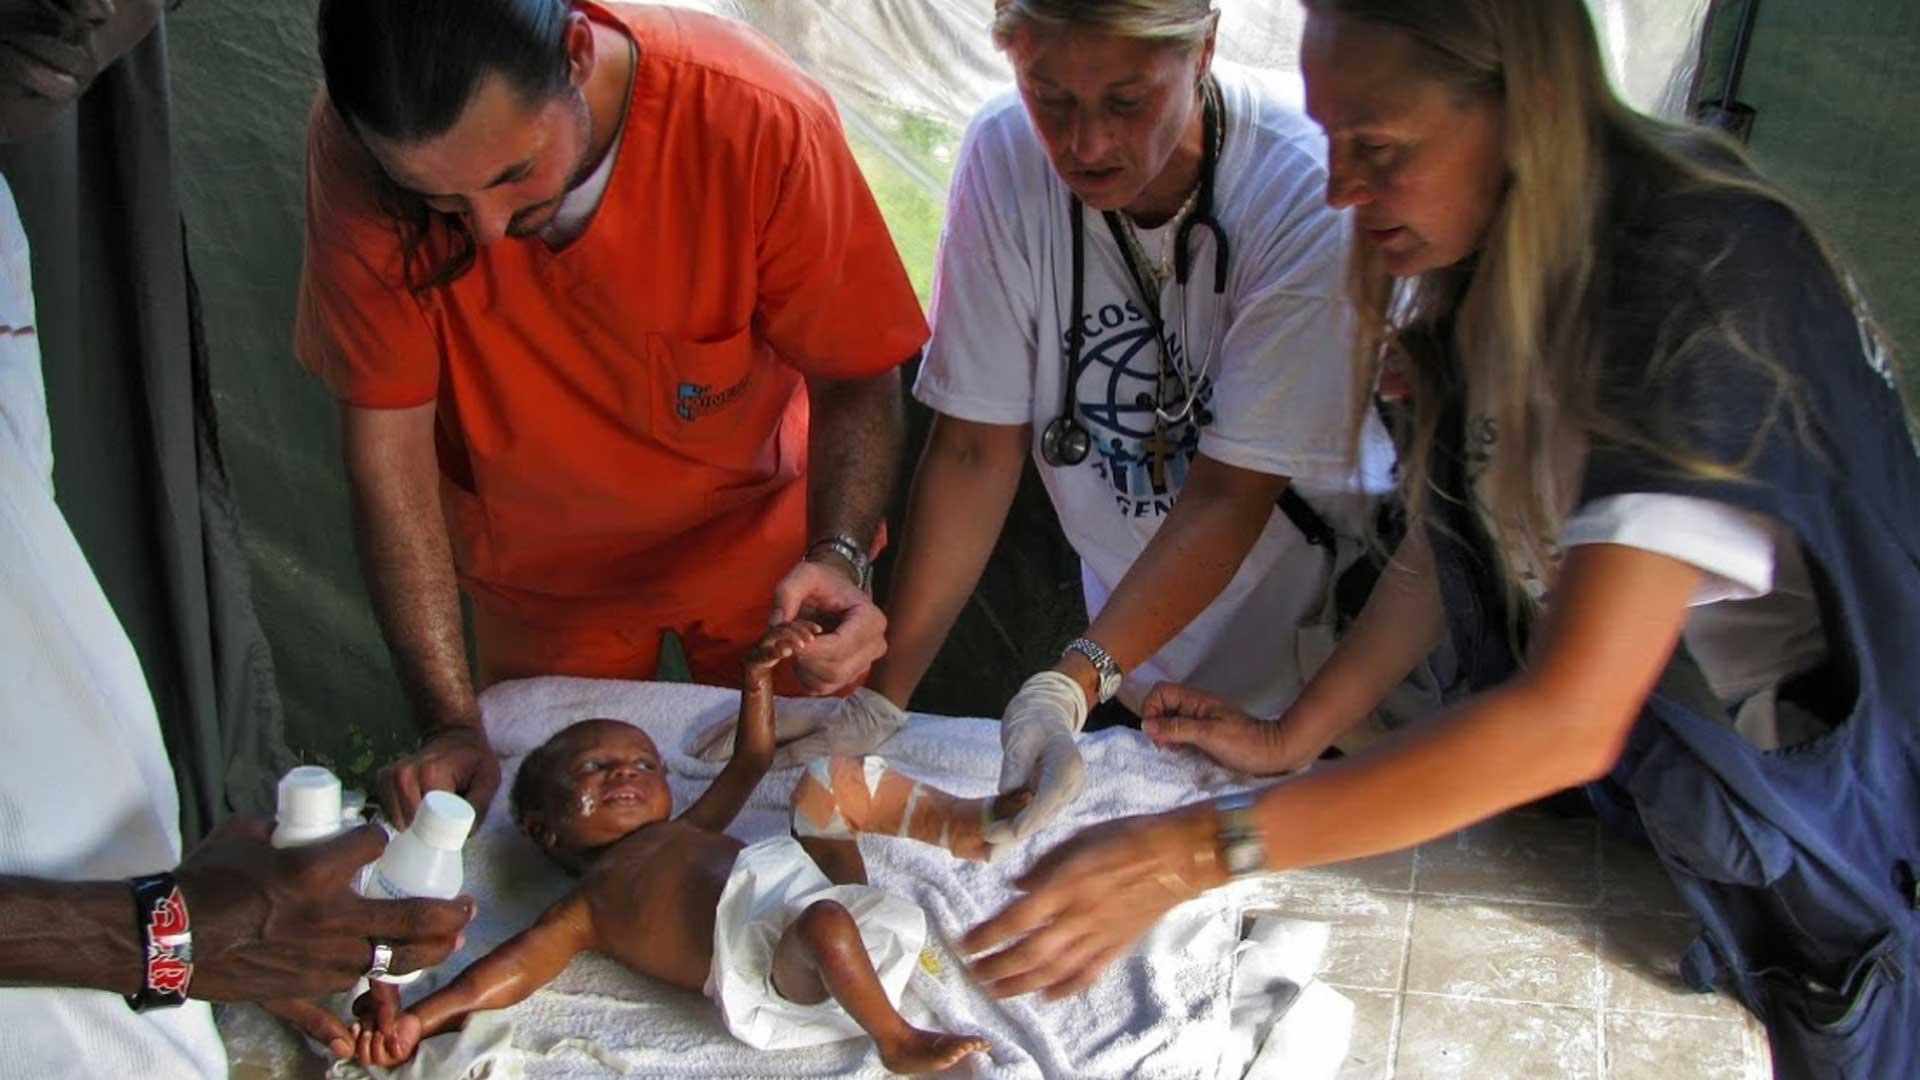 La misión de Cascos Blancos es diseñar y ejecutar misiones de asistencia humanitaria. Foto:Gentileza Cascos Blancos.